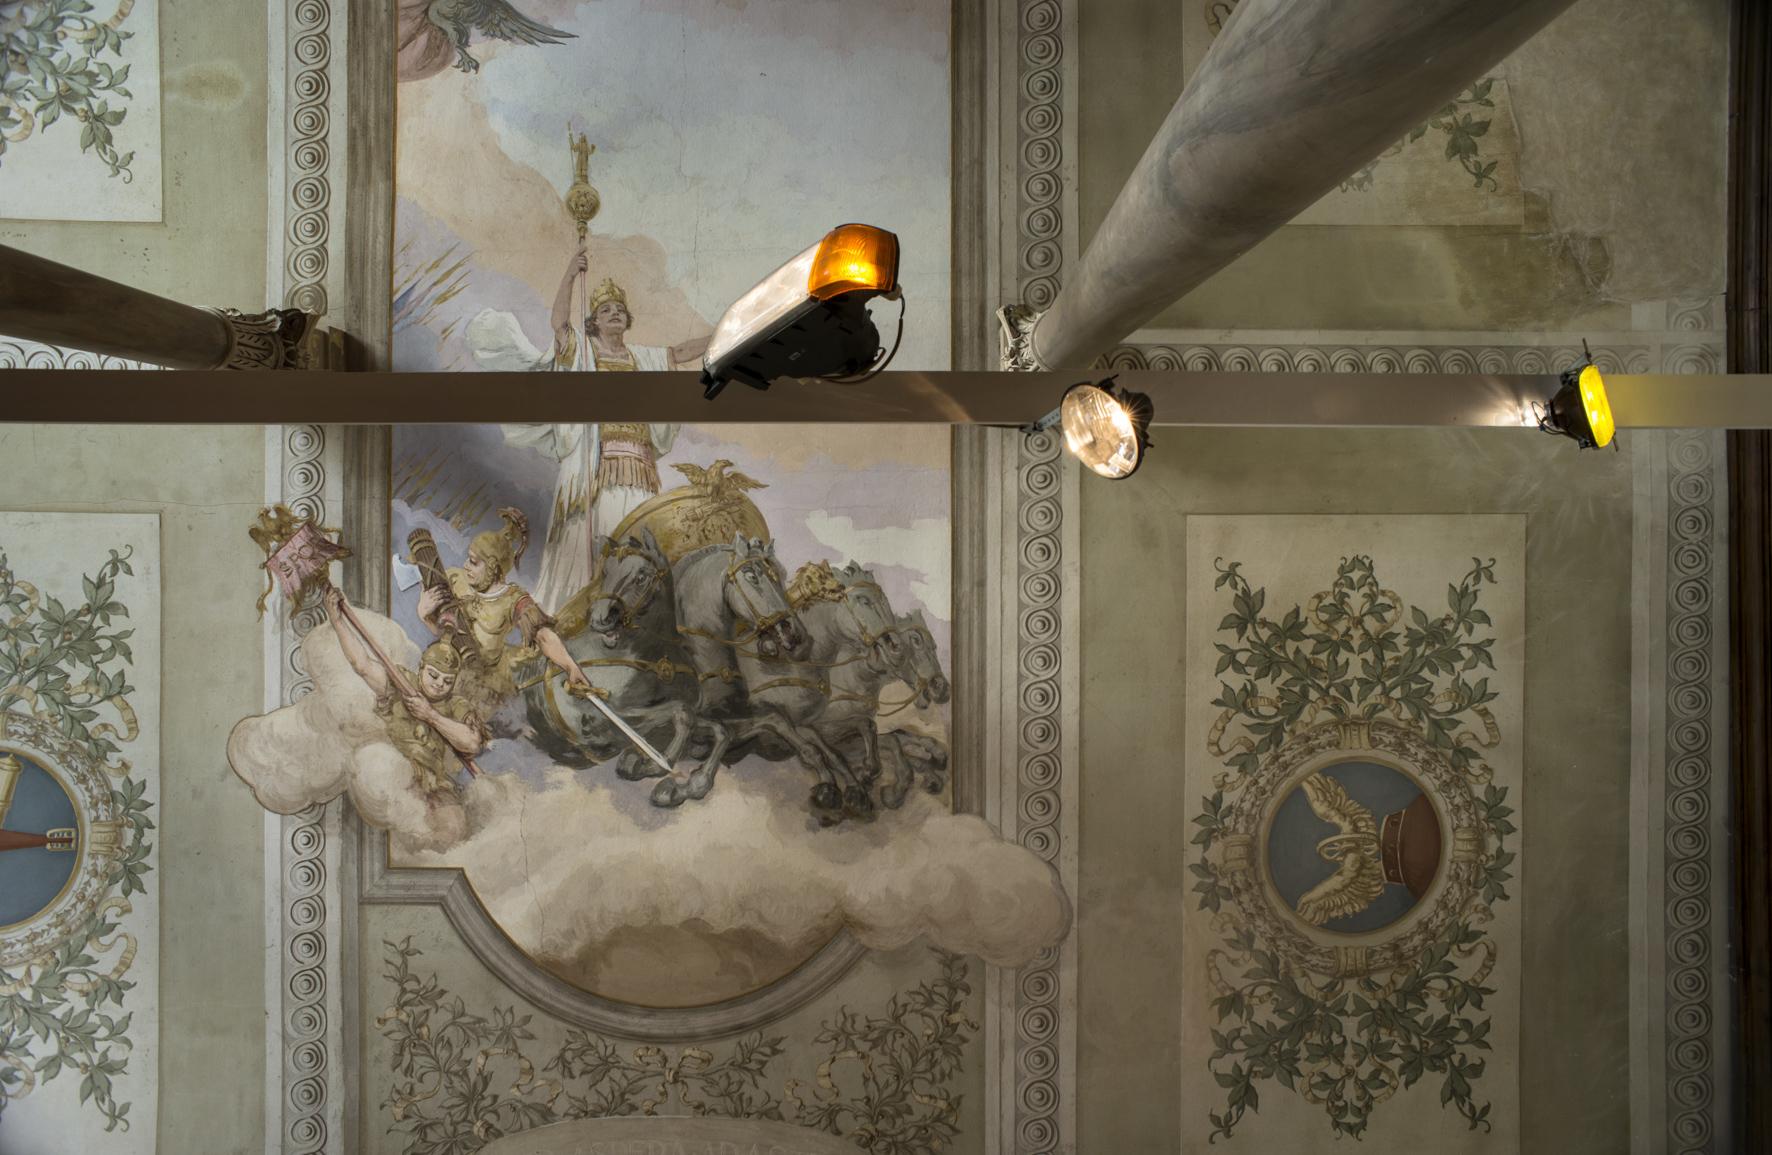 Un castello, il barocco e i fari di un'automobile: Renato Leotta in mostra a Rivoli